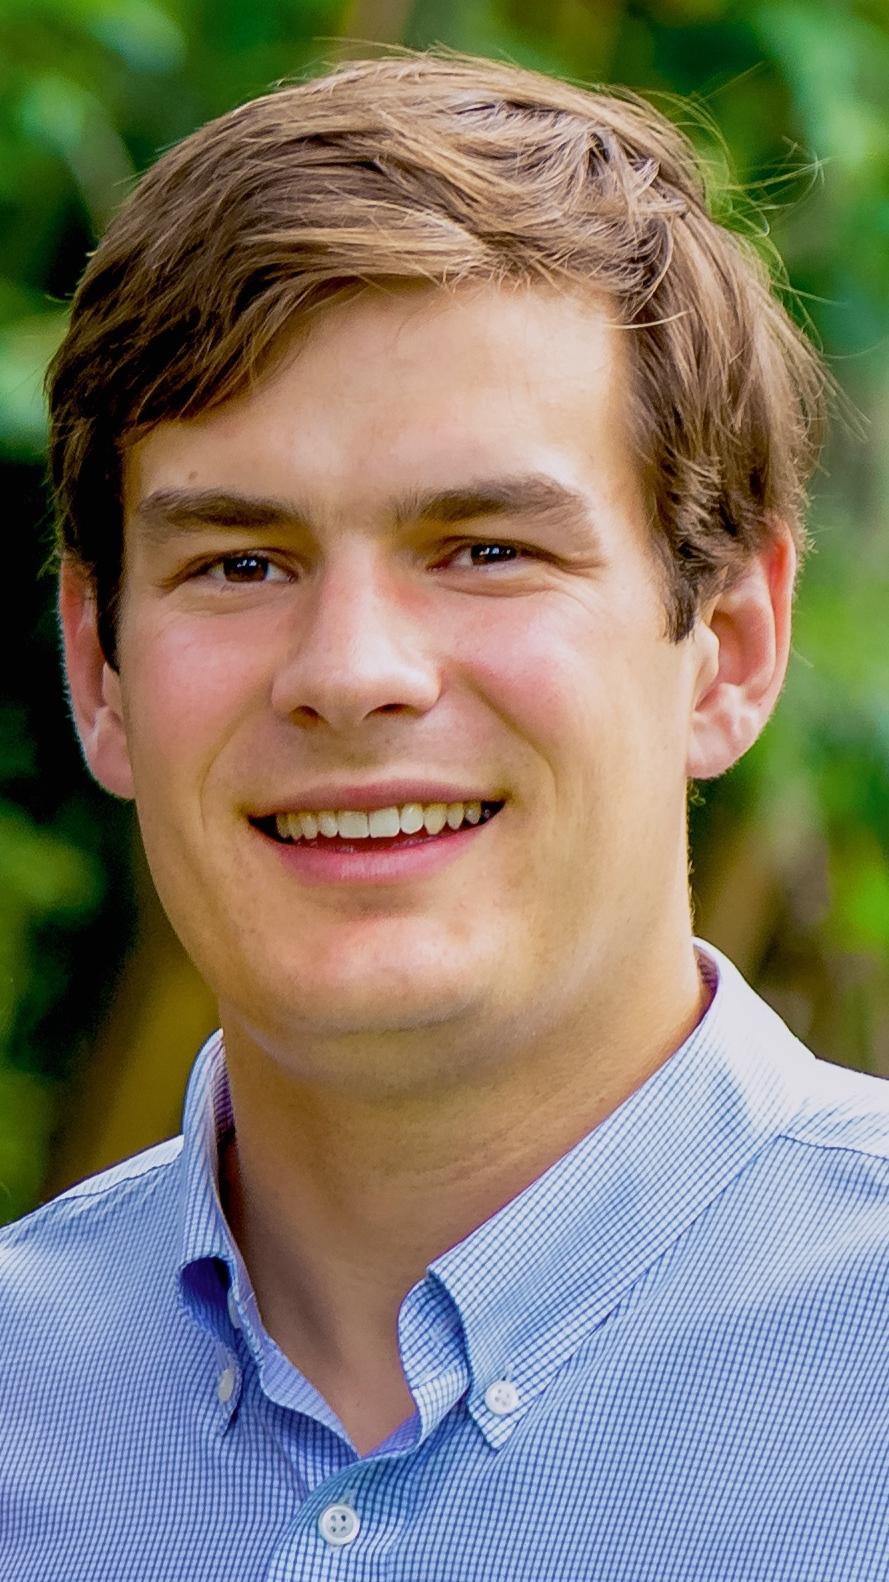 Nicholas Foukal